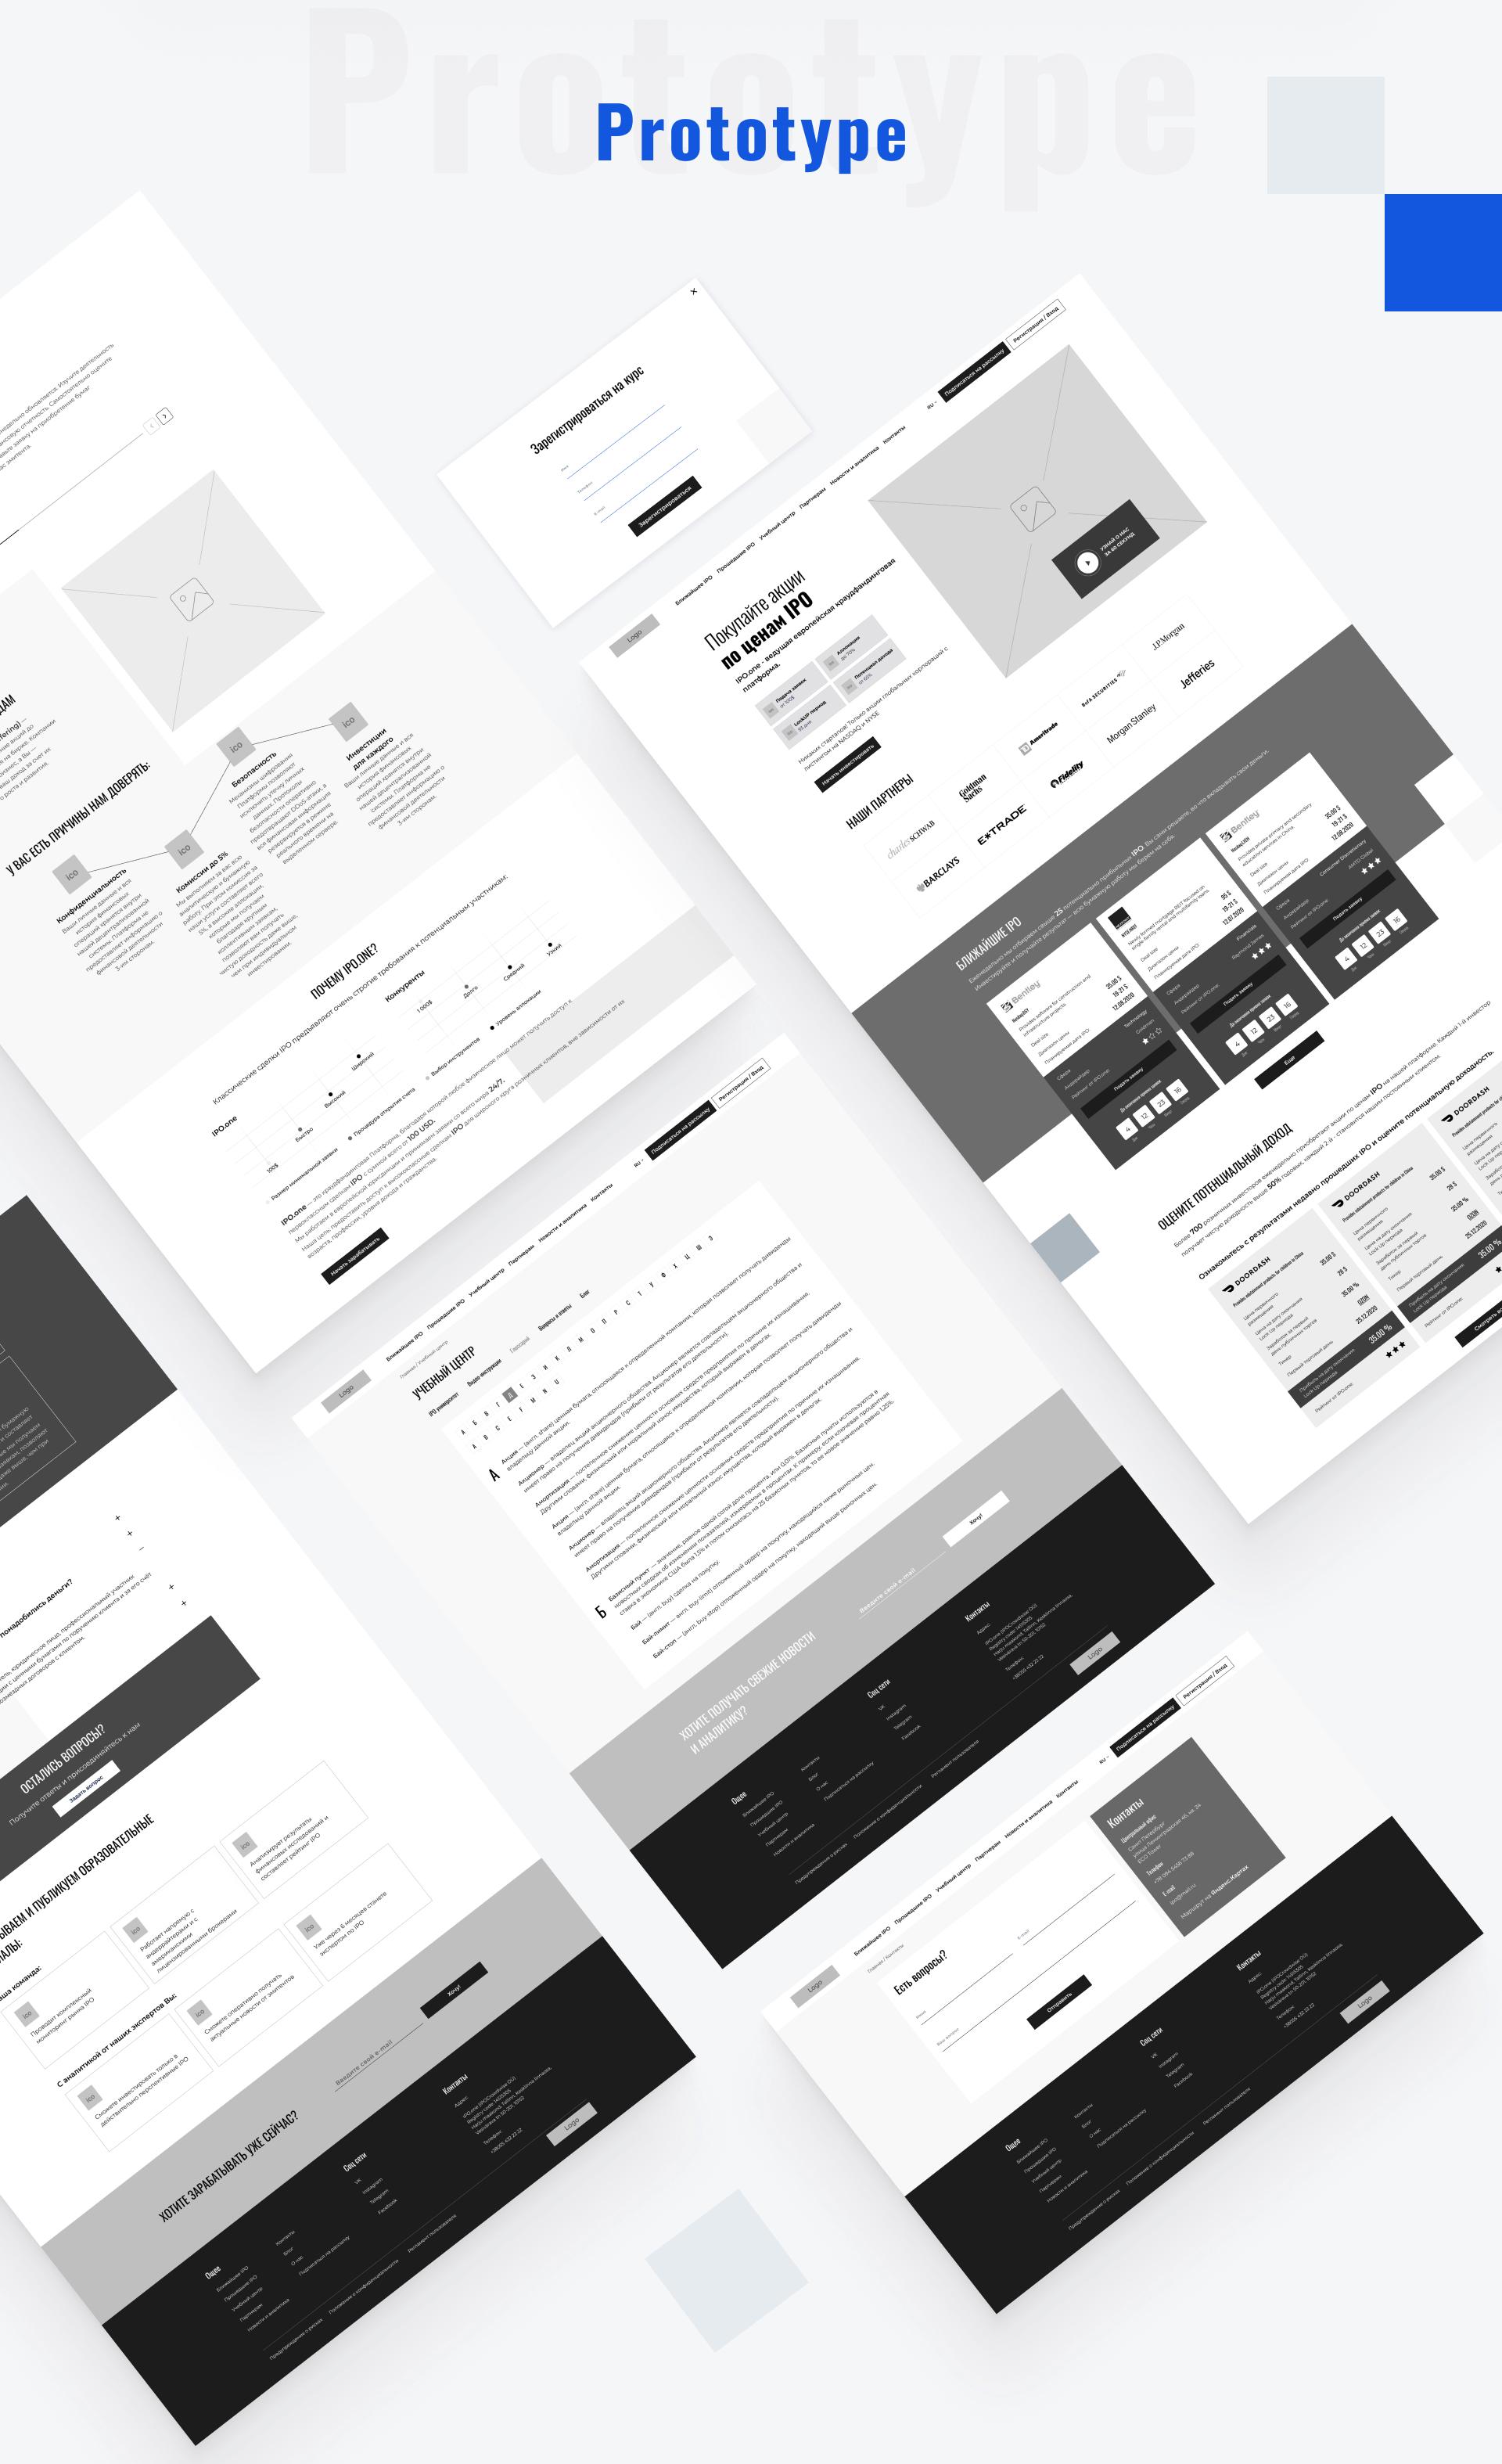 Разработа сайта ведущей европейской краудфандинговой платформы - кейс iPapus Agency